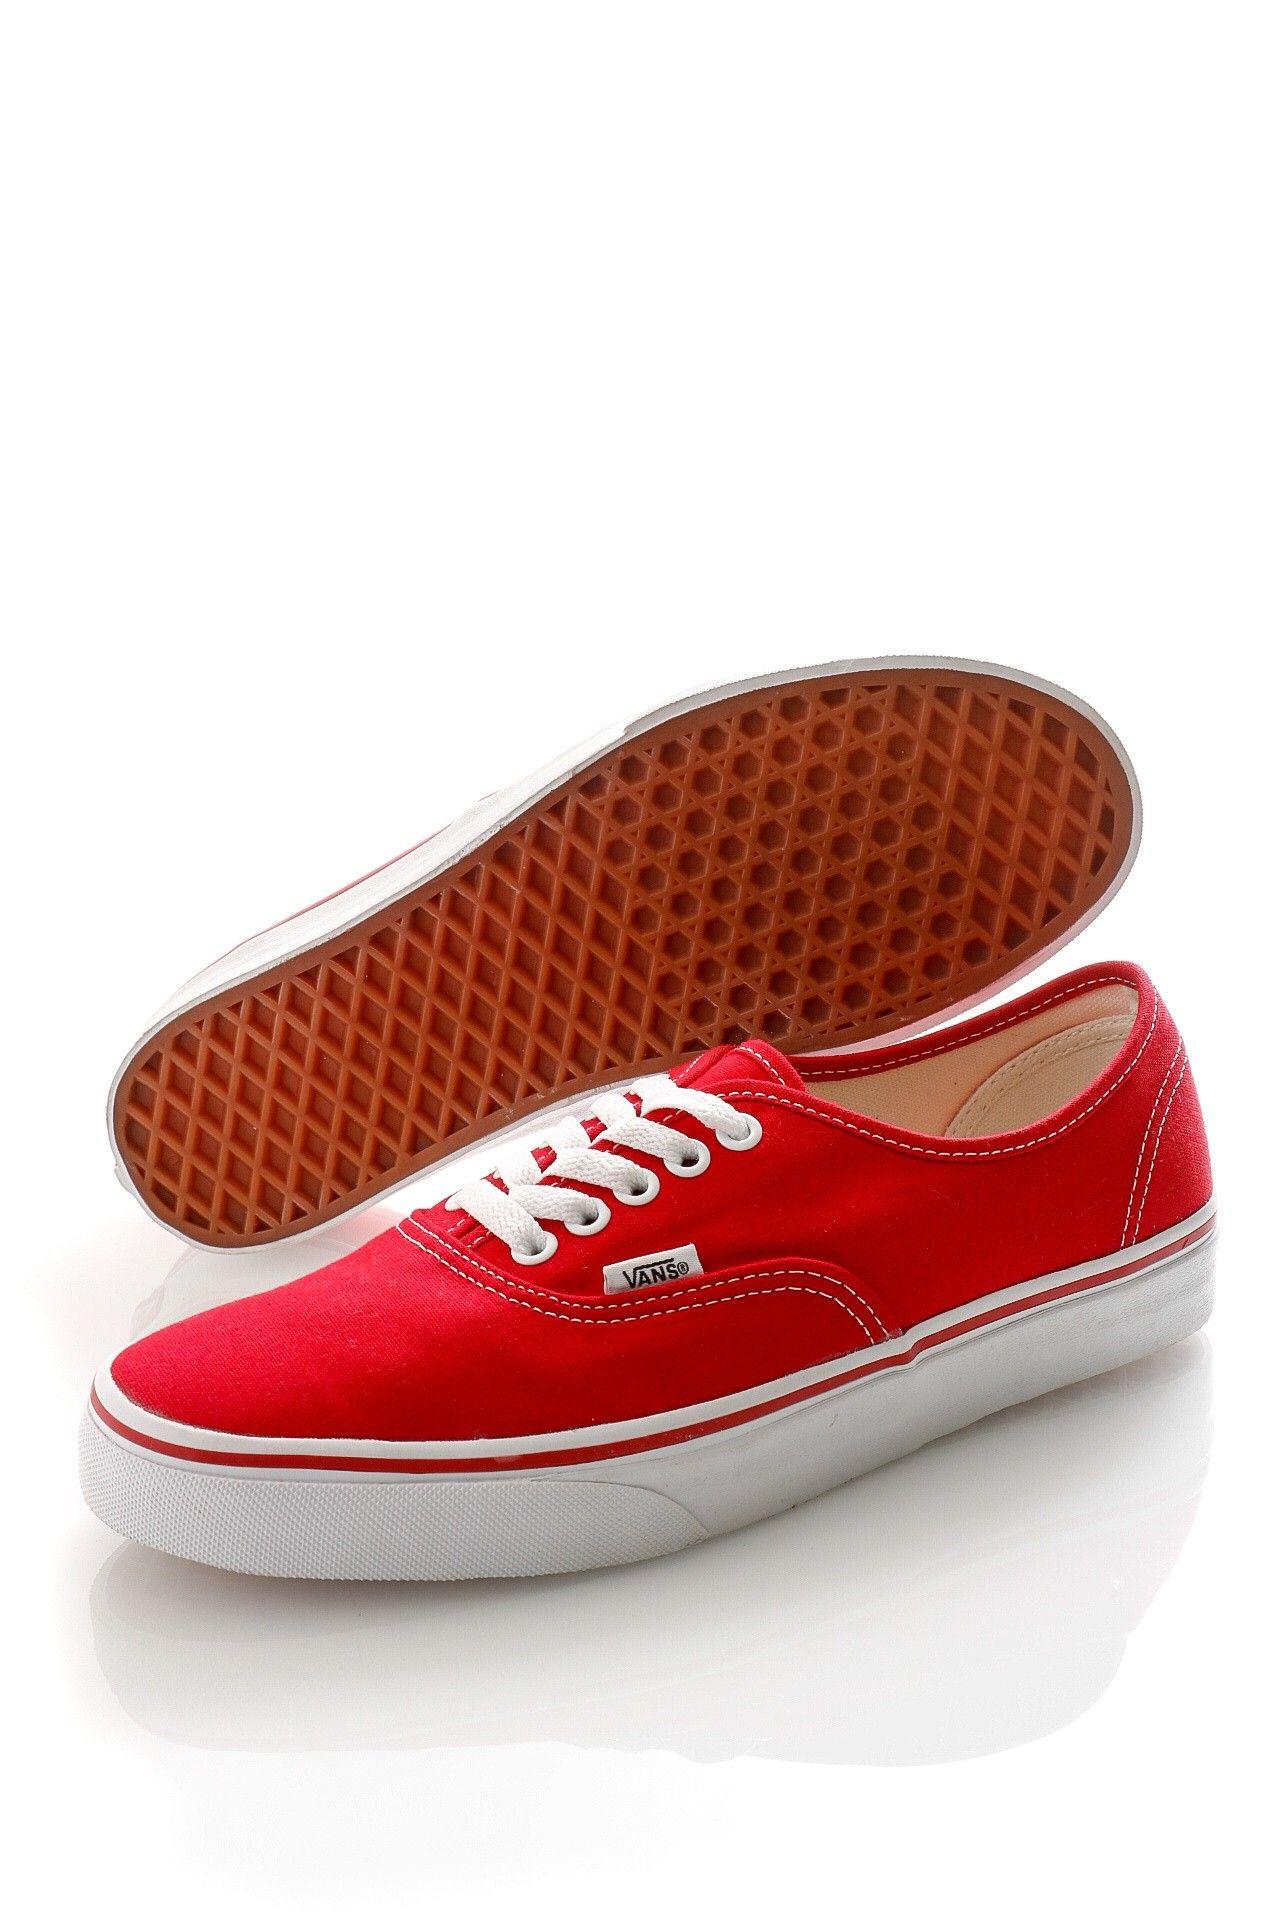 Afbeelding van Vans Classics Vee3-Red Sneakers Authentic Rood